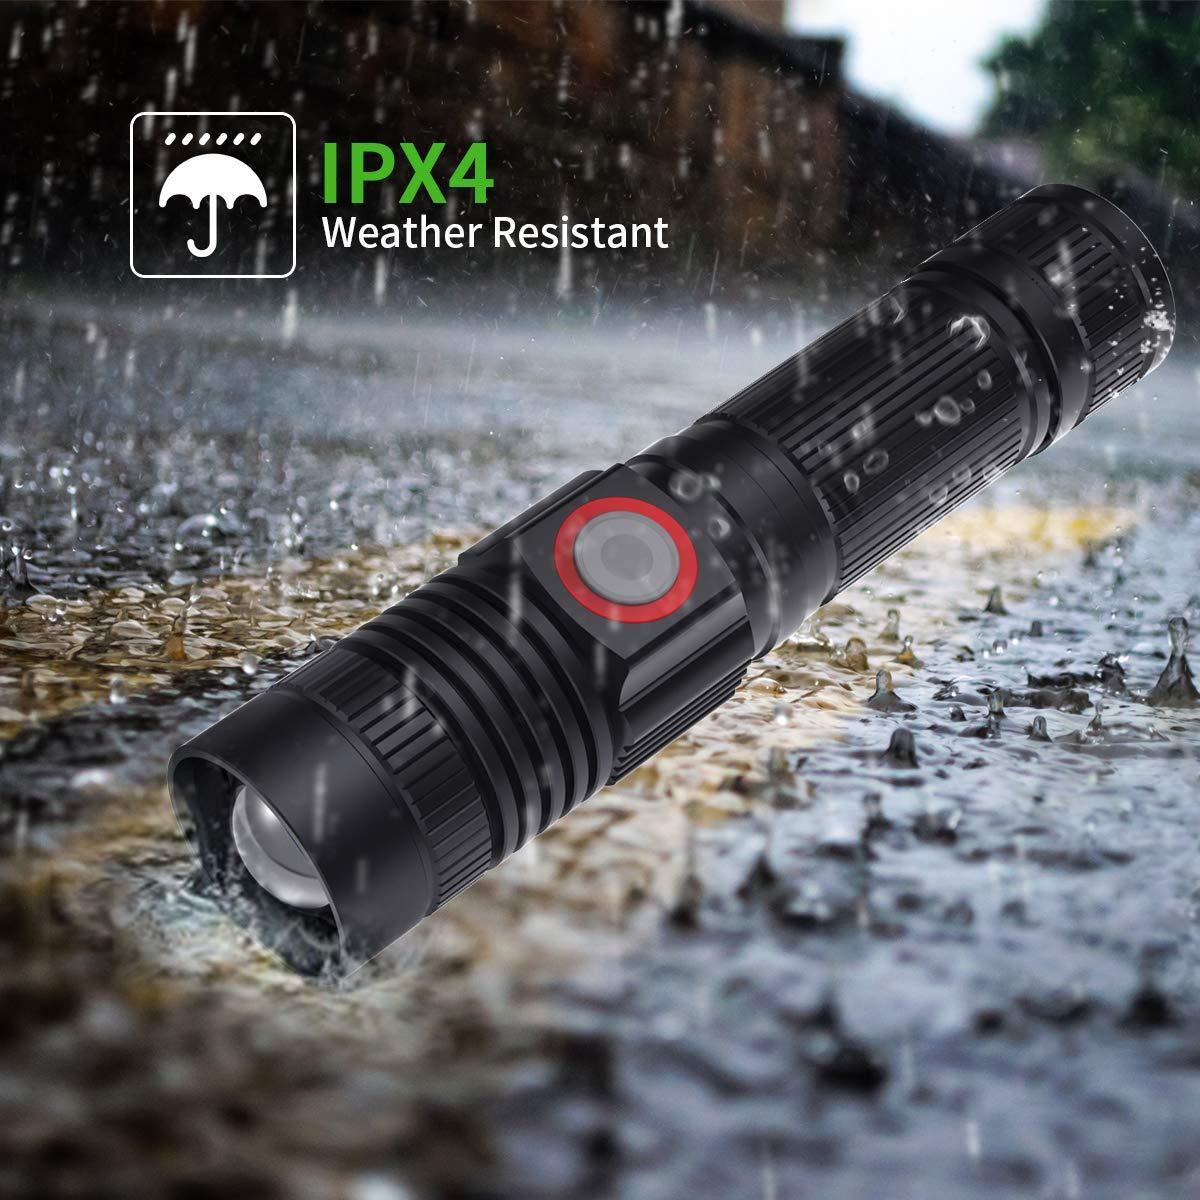 LED wiederaufladbare Taschenlampe Morpilot 1000 Lumen Aufladbar hell mit handyhalter LED Taschenlampe Torch Licht Wasserdicht zoombare Taschenlampe 5 Modis Einstellbar